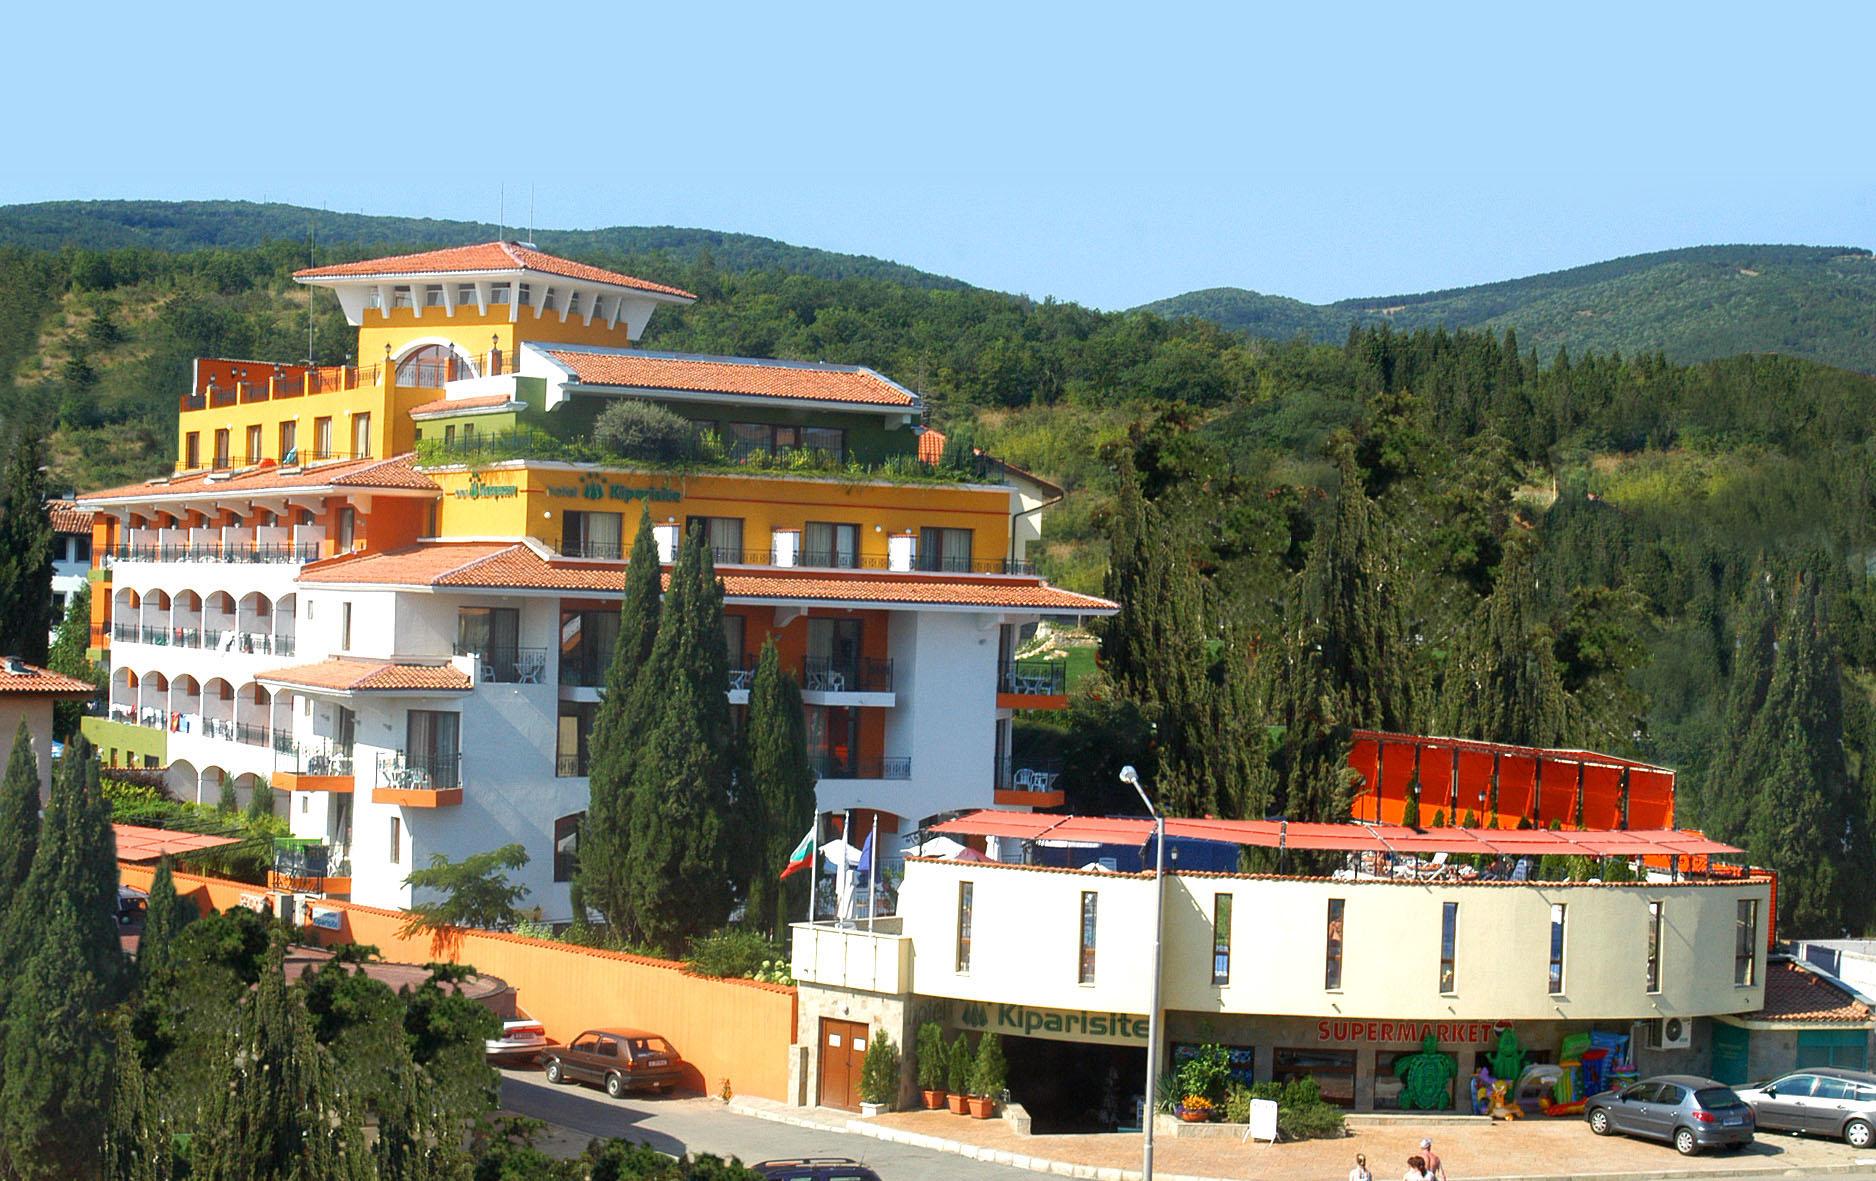 Kiparisite Hotel, Sunny Beach Resort